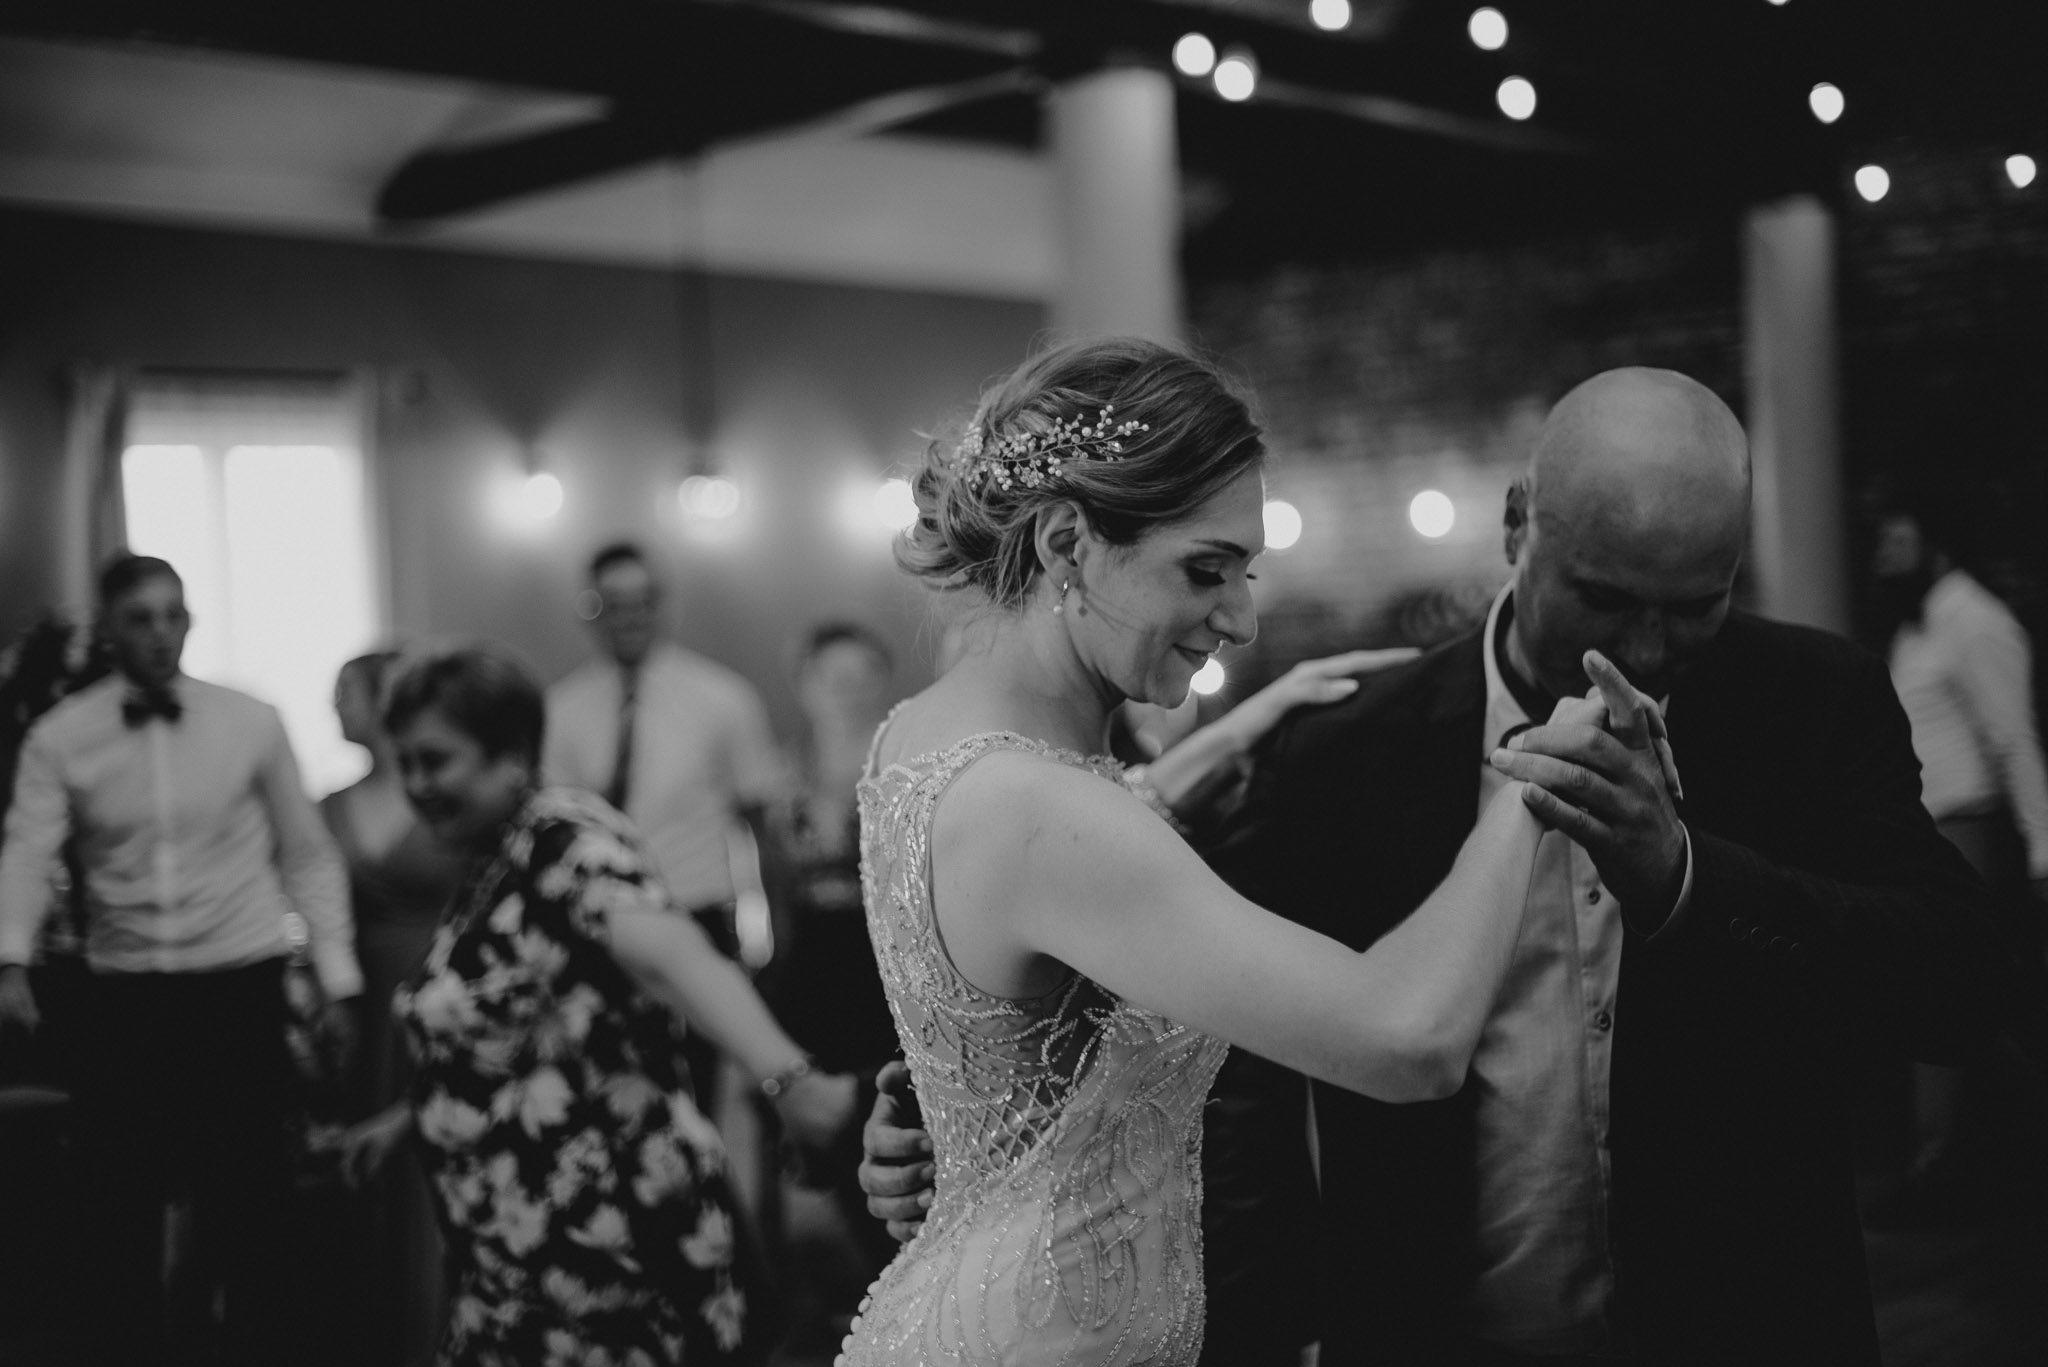 Panna młoda tańczy z gościem weselnym - ślub w Stodole Bojanowo